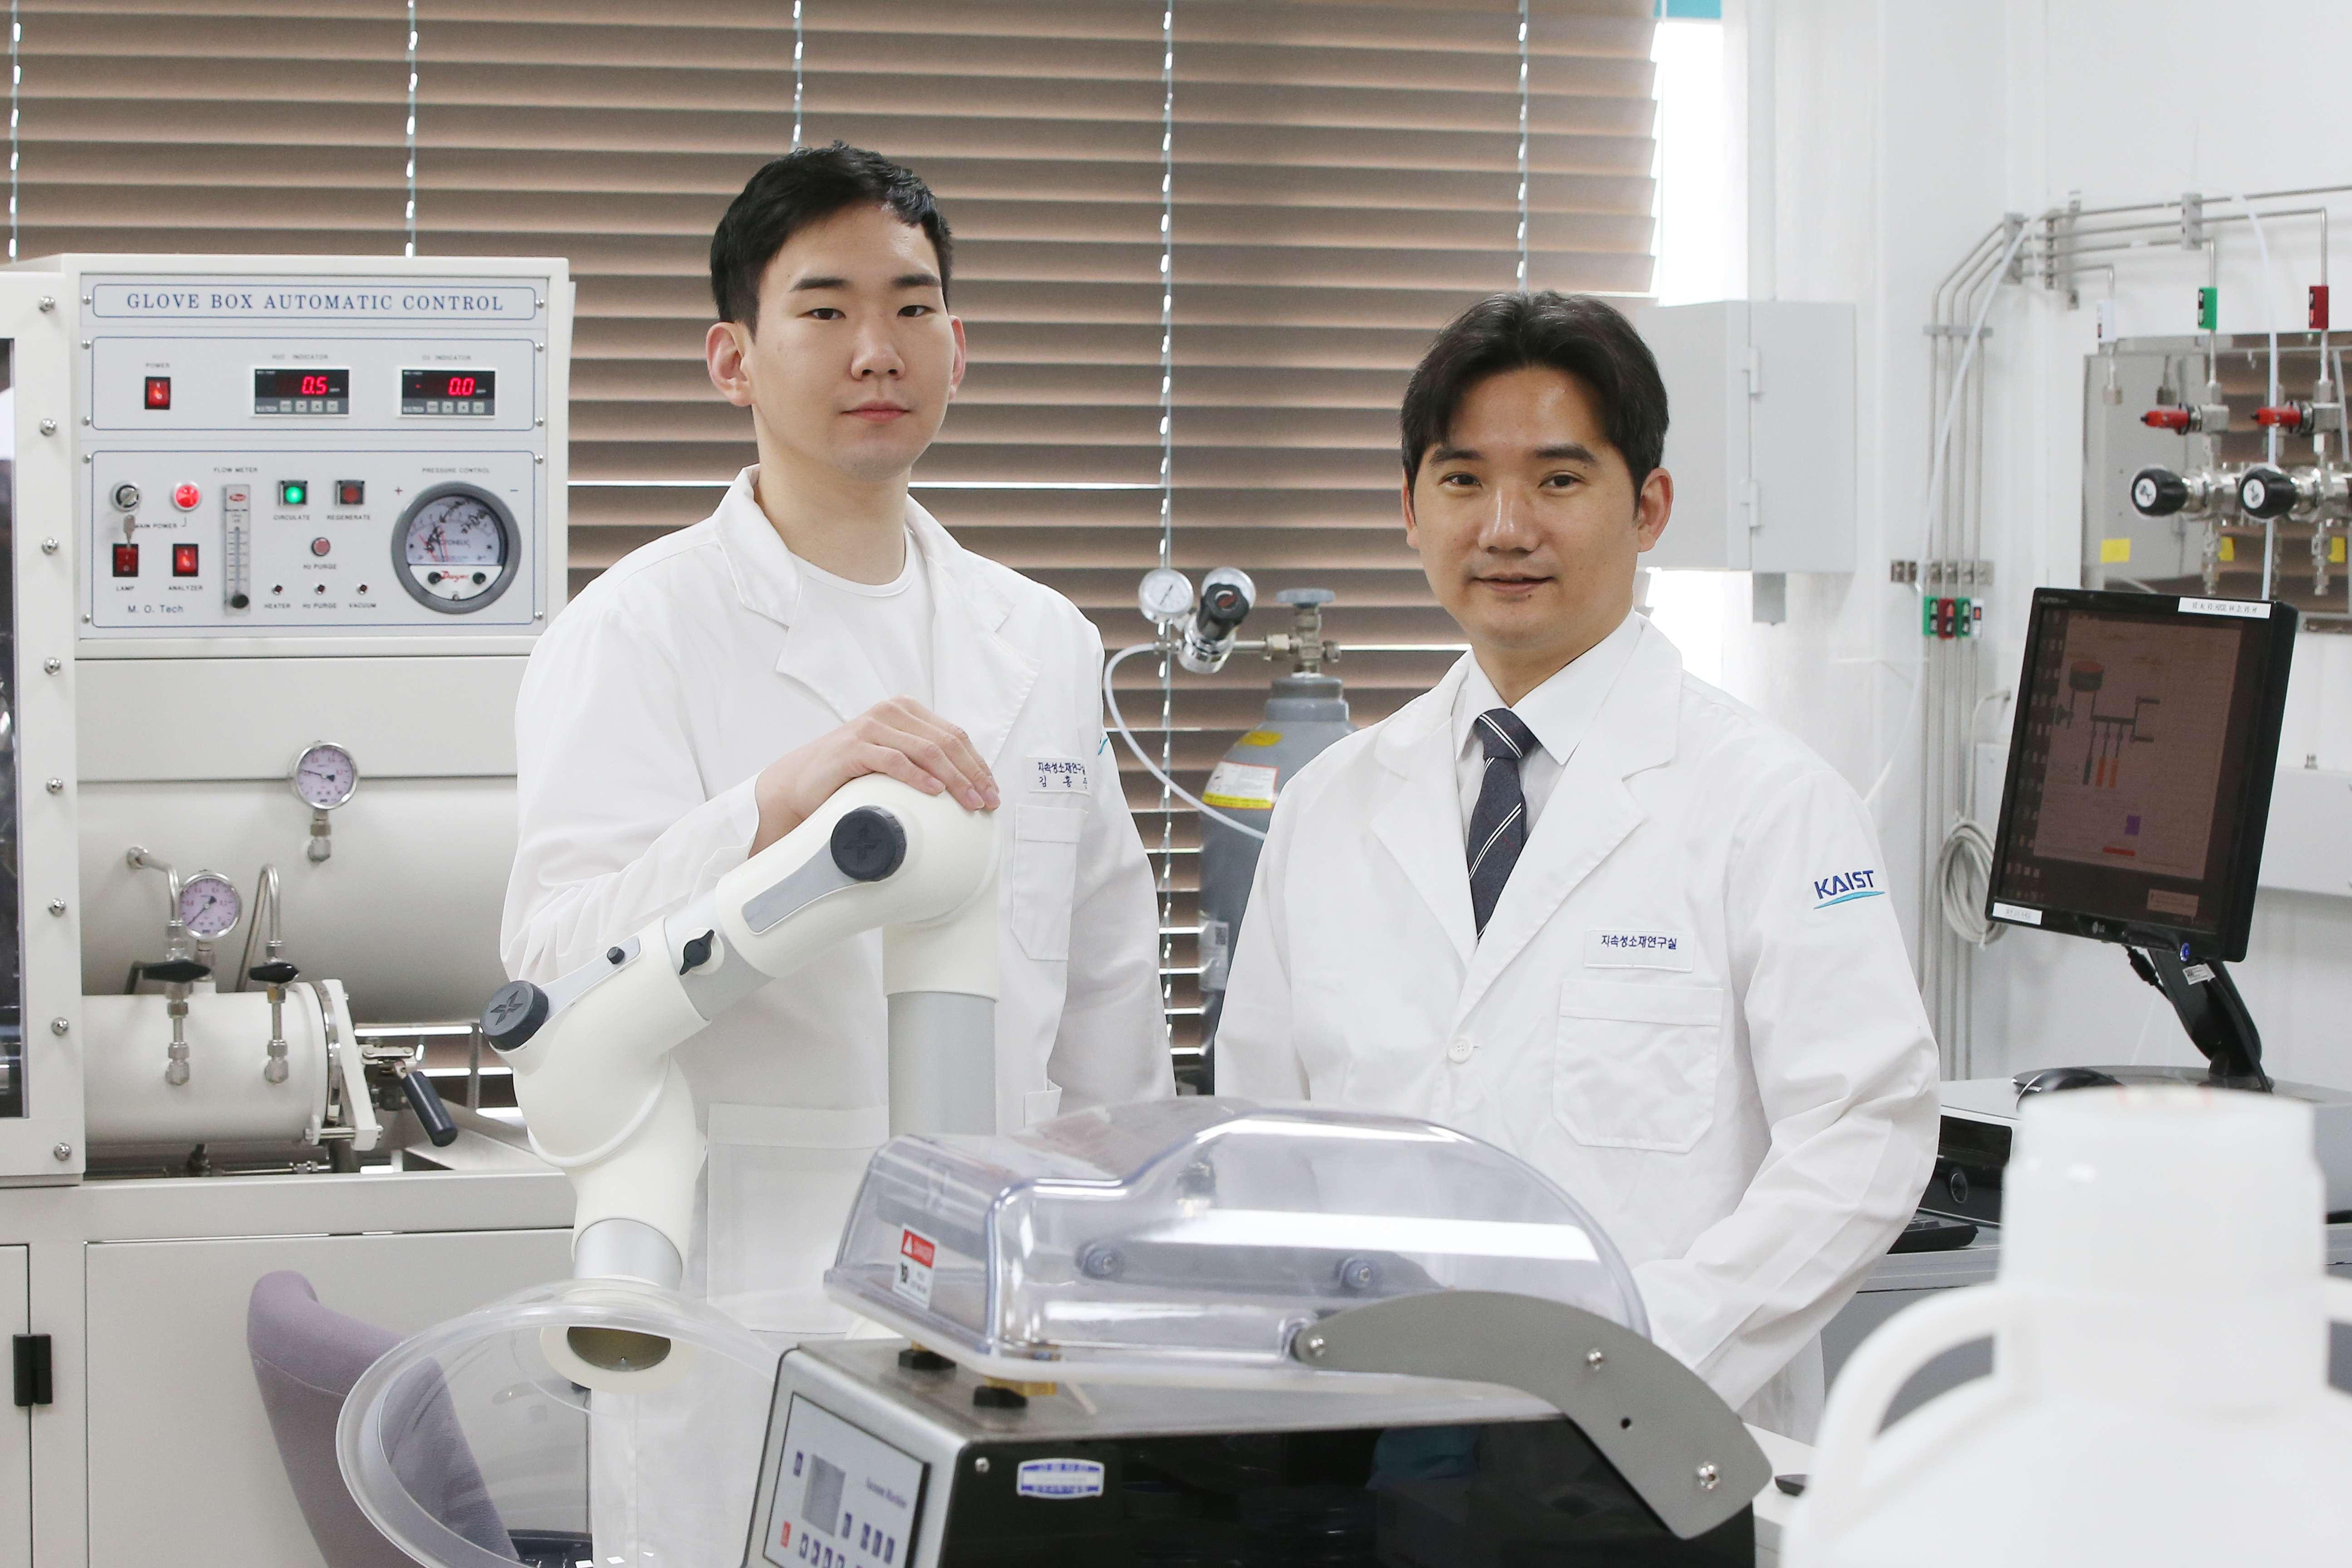 (왼쪽부터) 신소재공학과 김홍준 박사, 홍승범 교수